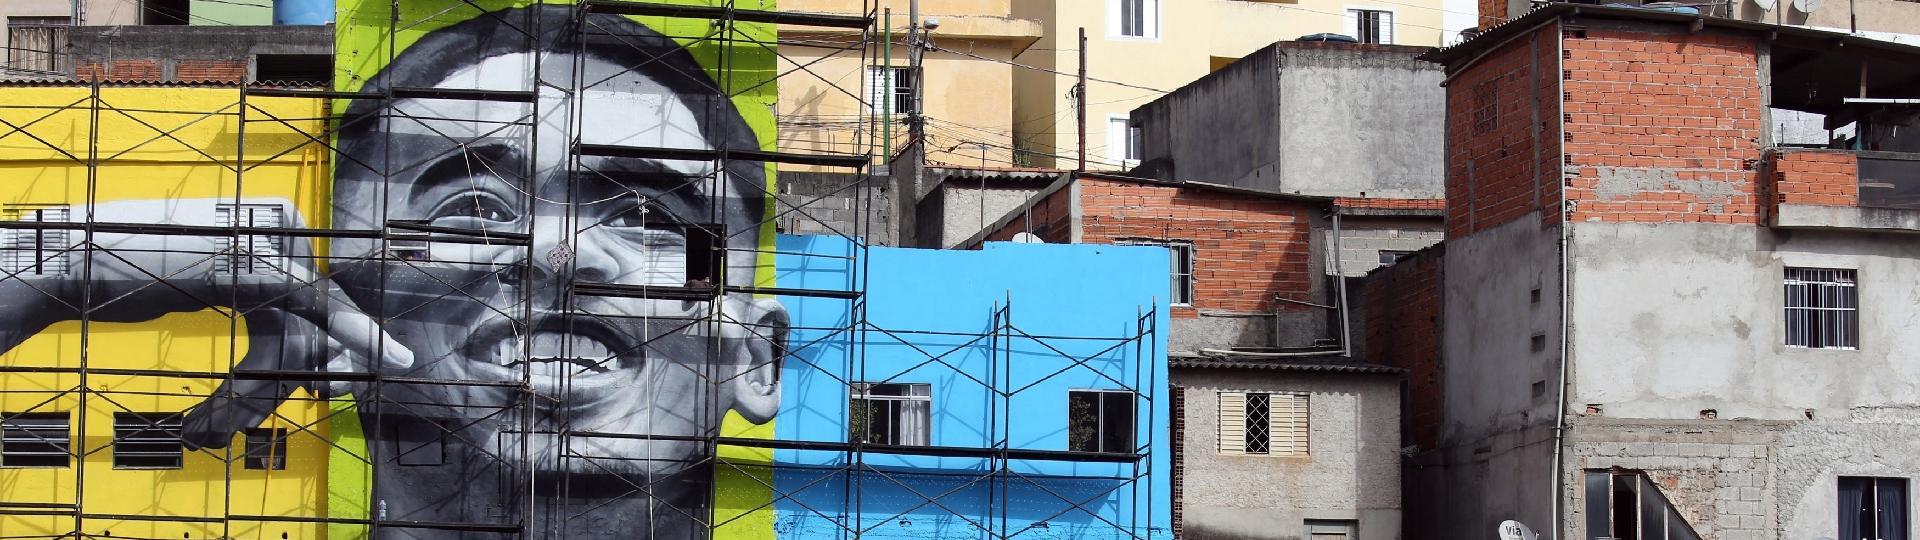 Mural com o rosto de Gabriel Jesus no Jardim Peri (SP)